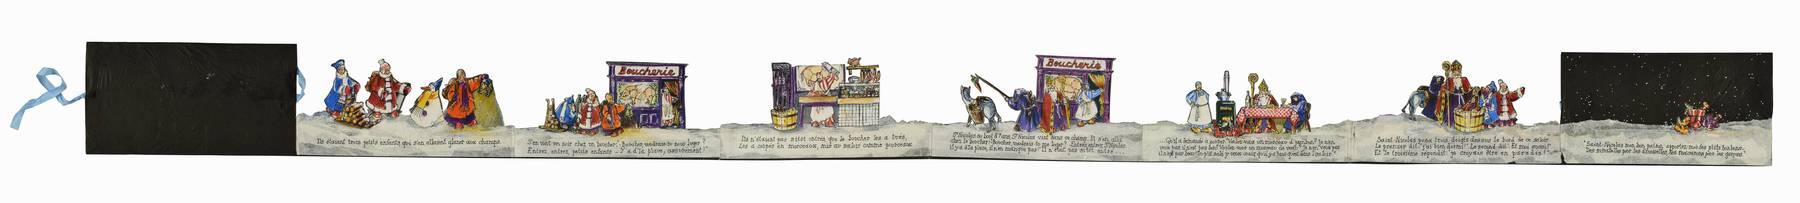 Contenu du L'histoire de Saint Nicolas en images